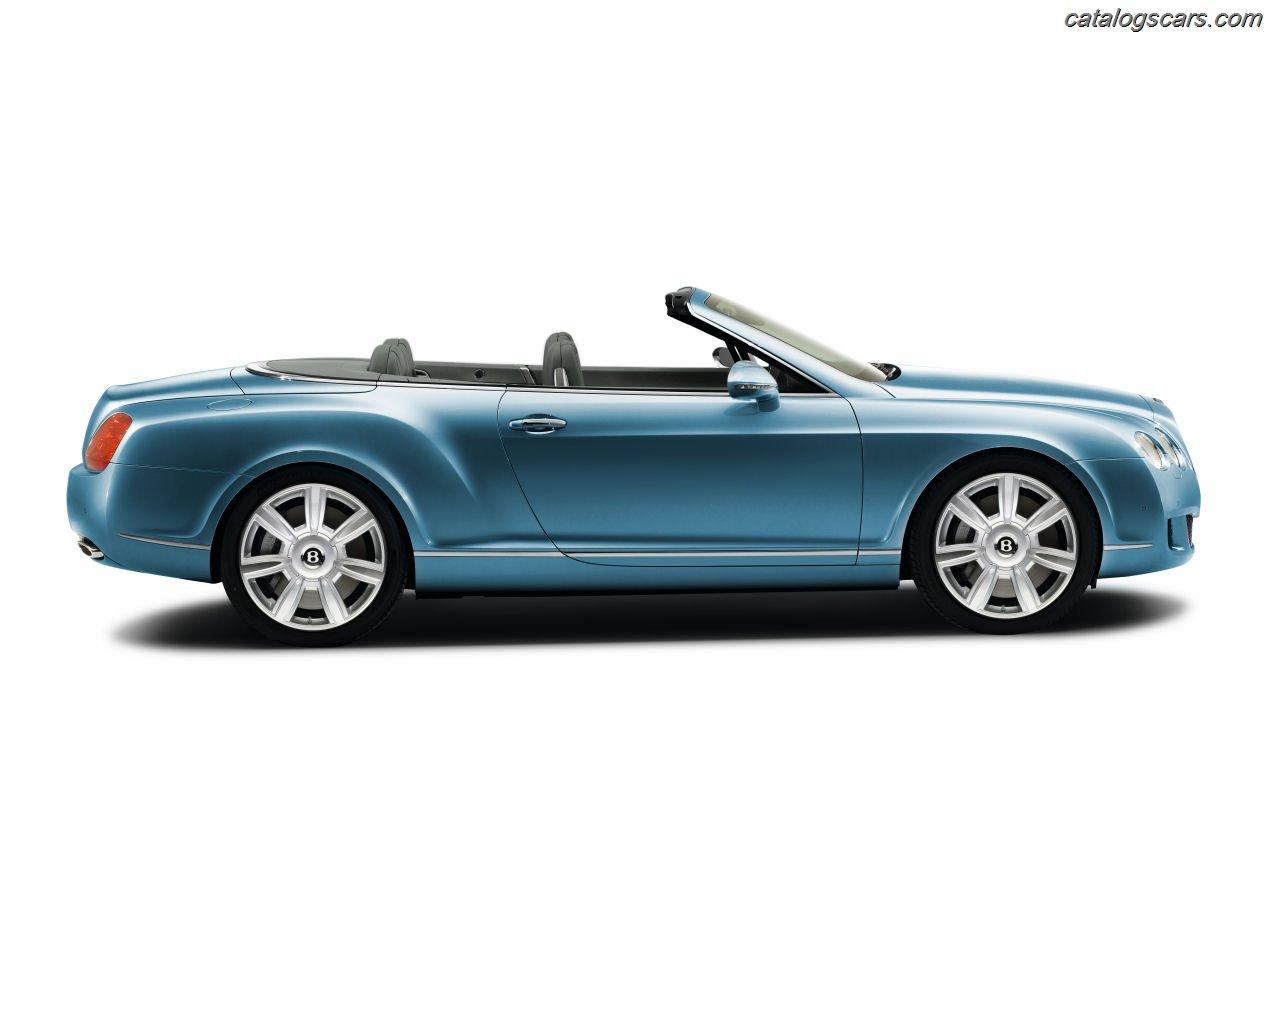 صور سيارة بنتلى كونتيننتال جى تى سى 2012 - اجمل خلفيات صور عربية بنتلى كونتيننتال جى تى سى 2012 - Bentley Continental Gtc Photos Bentley-Continental-Gtc-2011-07.jpg